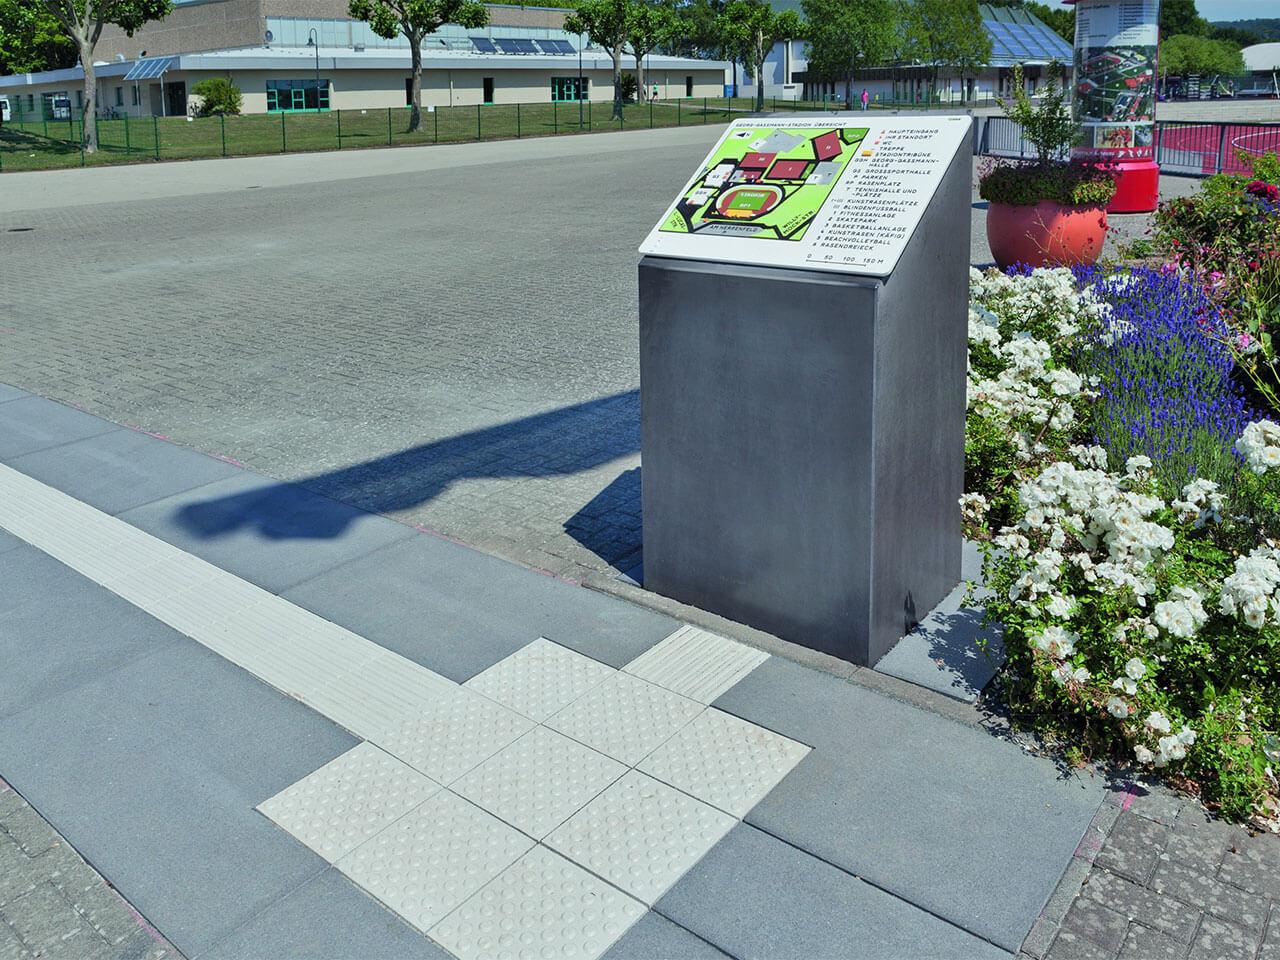 Noppen und Rillenplatten und Anzeigetafeln mit Blindenschrift für die barrierefreie Wegeführung im öffentlichen Raum.